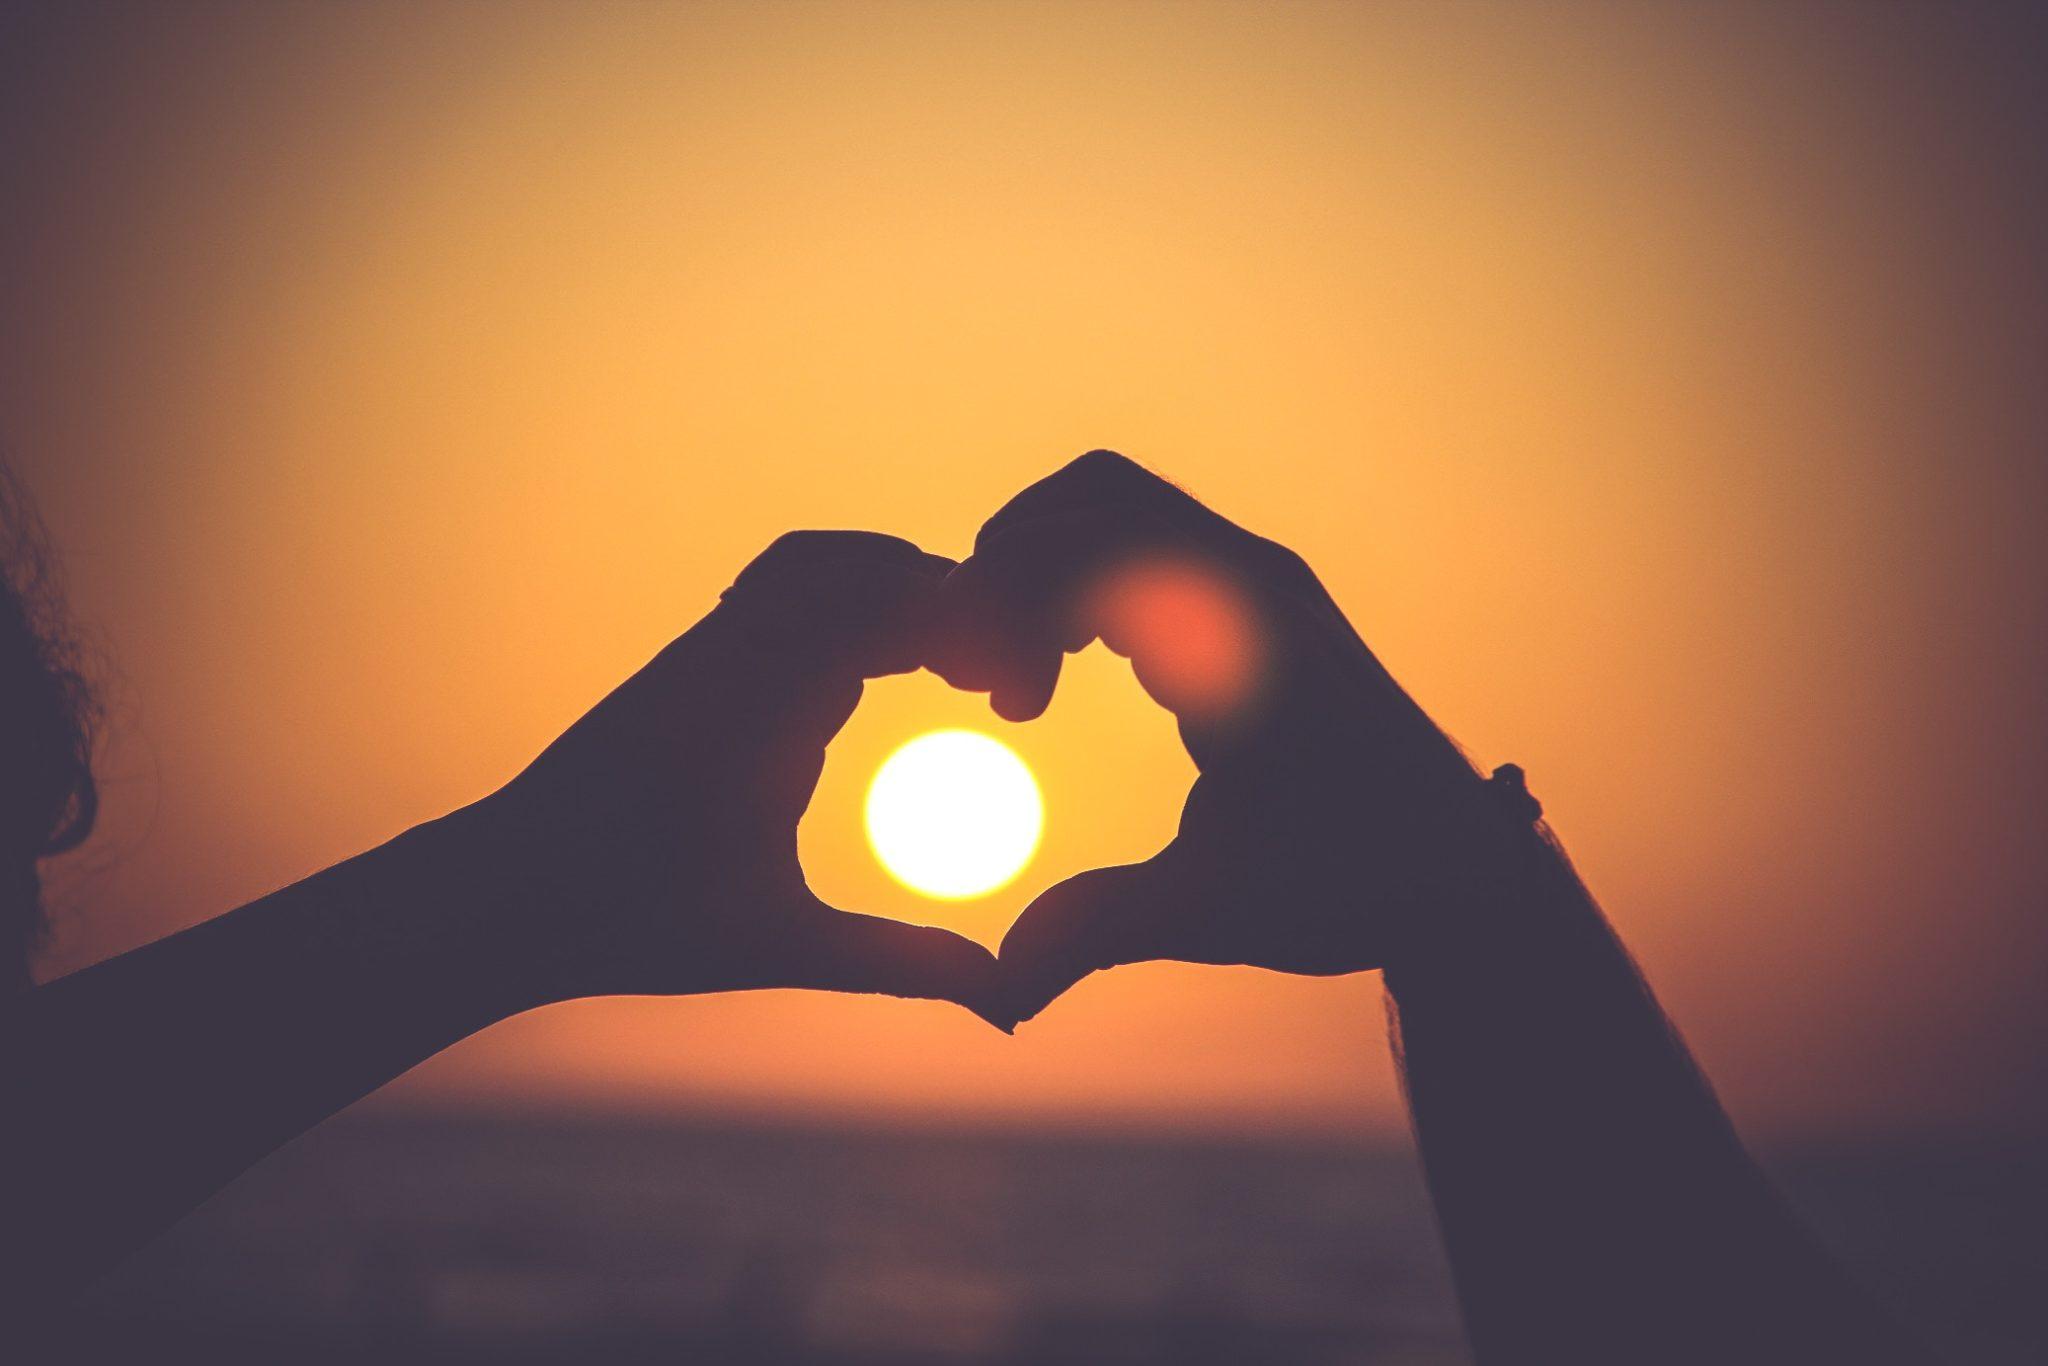 kryzys, związek, problemy, relacje, miłość, kłótnie, kryzys w związku, problemy w związku, nieudana relacja, rozpad, rozwód, szczęście, radość, smutek, dobry związek, kobieta, meżczyzna, para